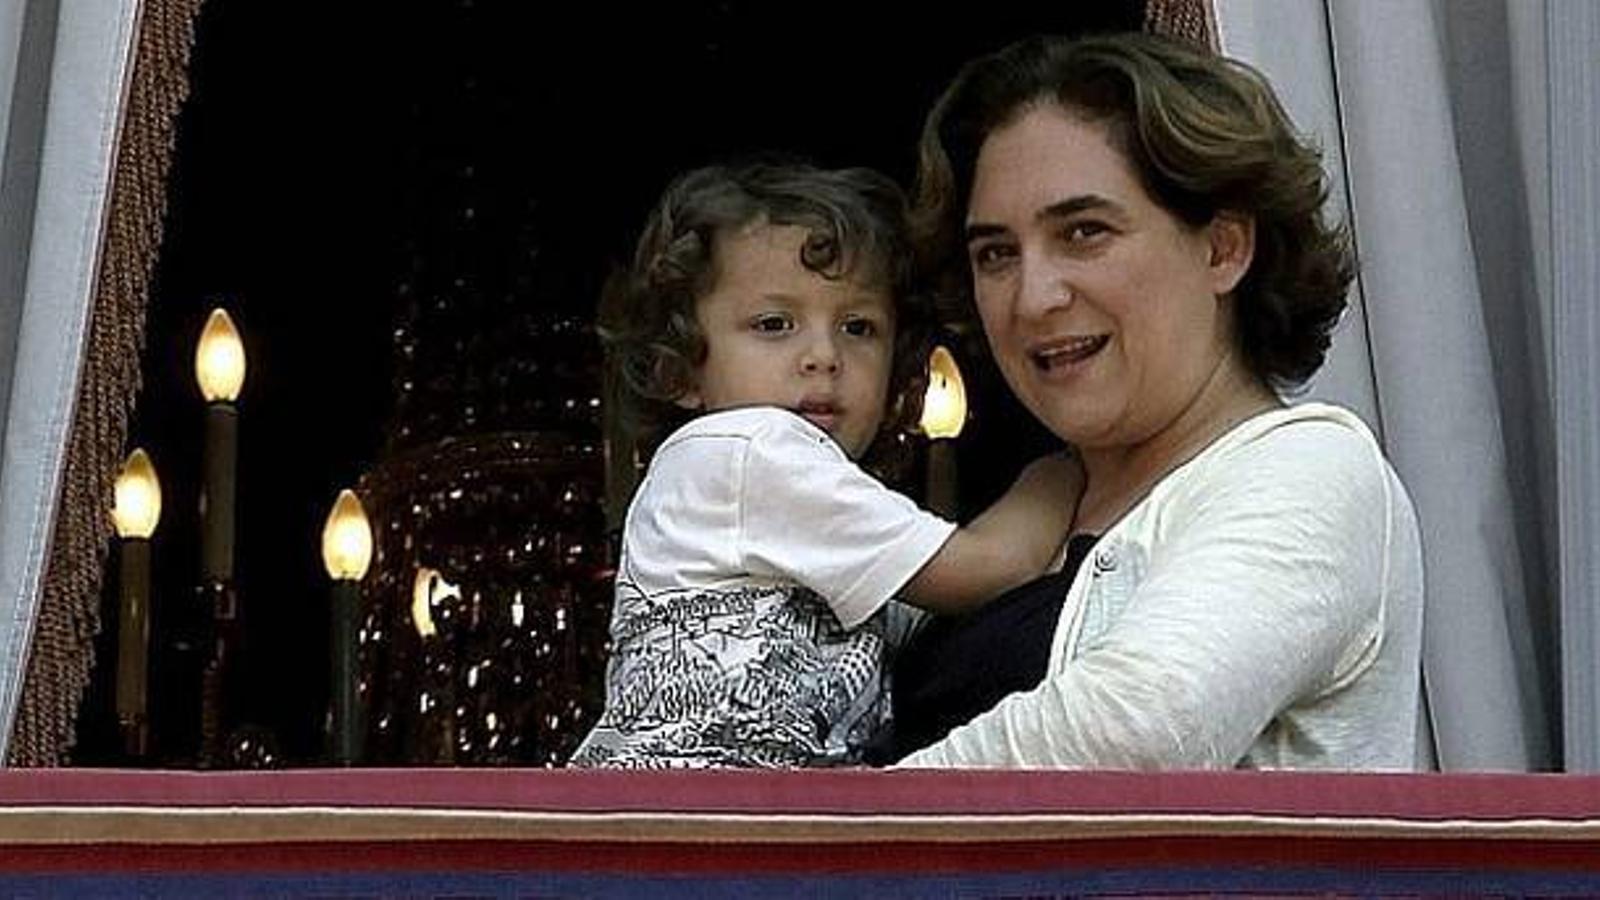 Ada Colau anuncia que espera el seu segon fill